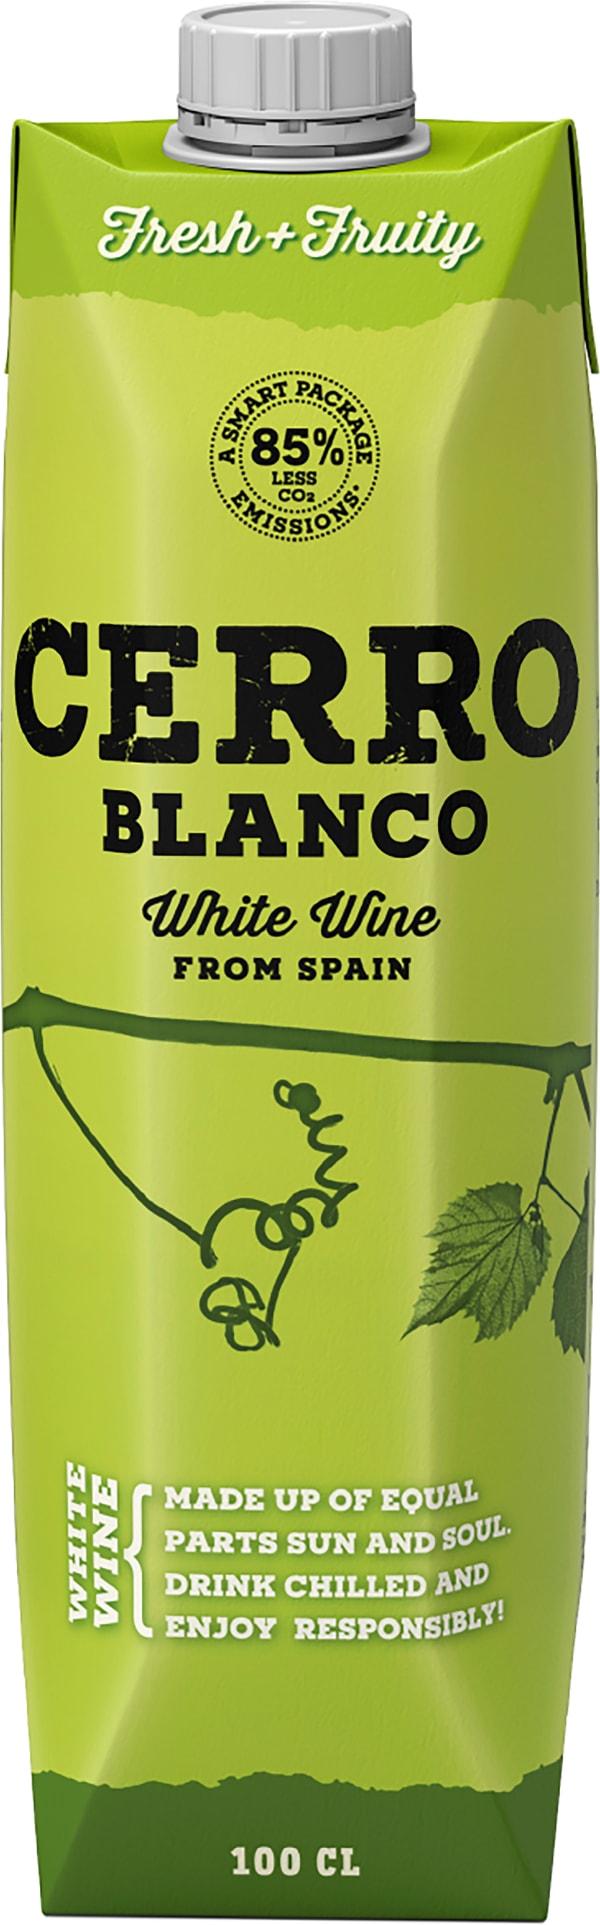 Cerro Blanco carton package